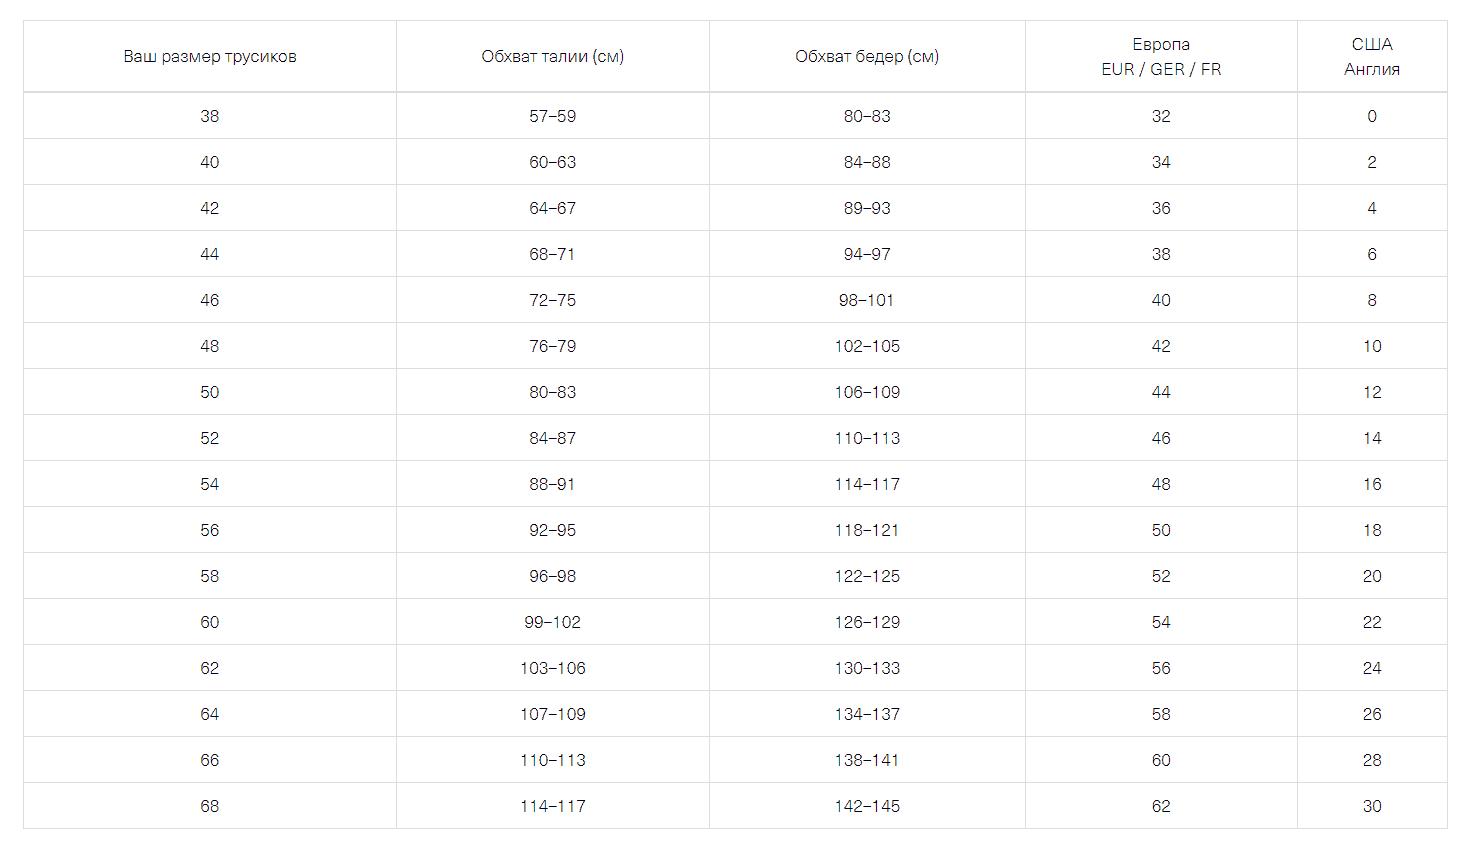 Таблиця розмірів жіночої білизни